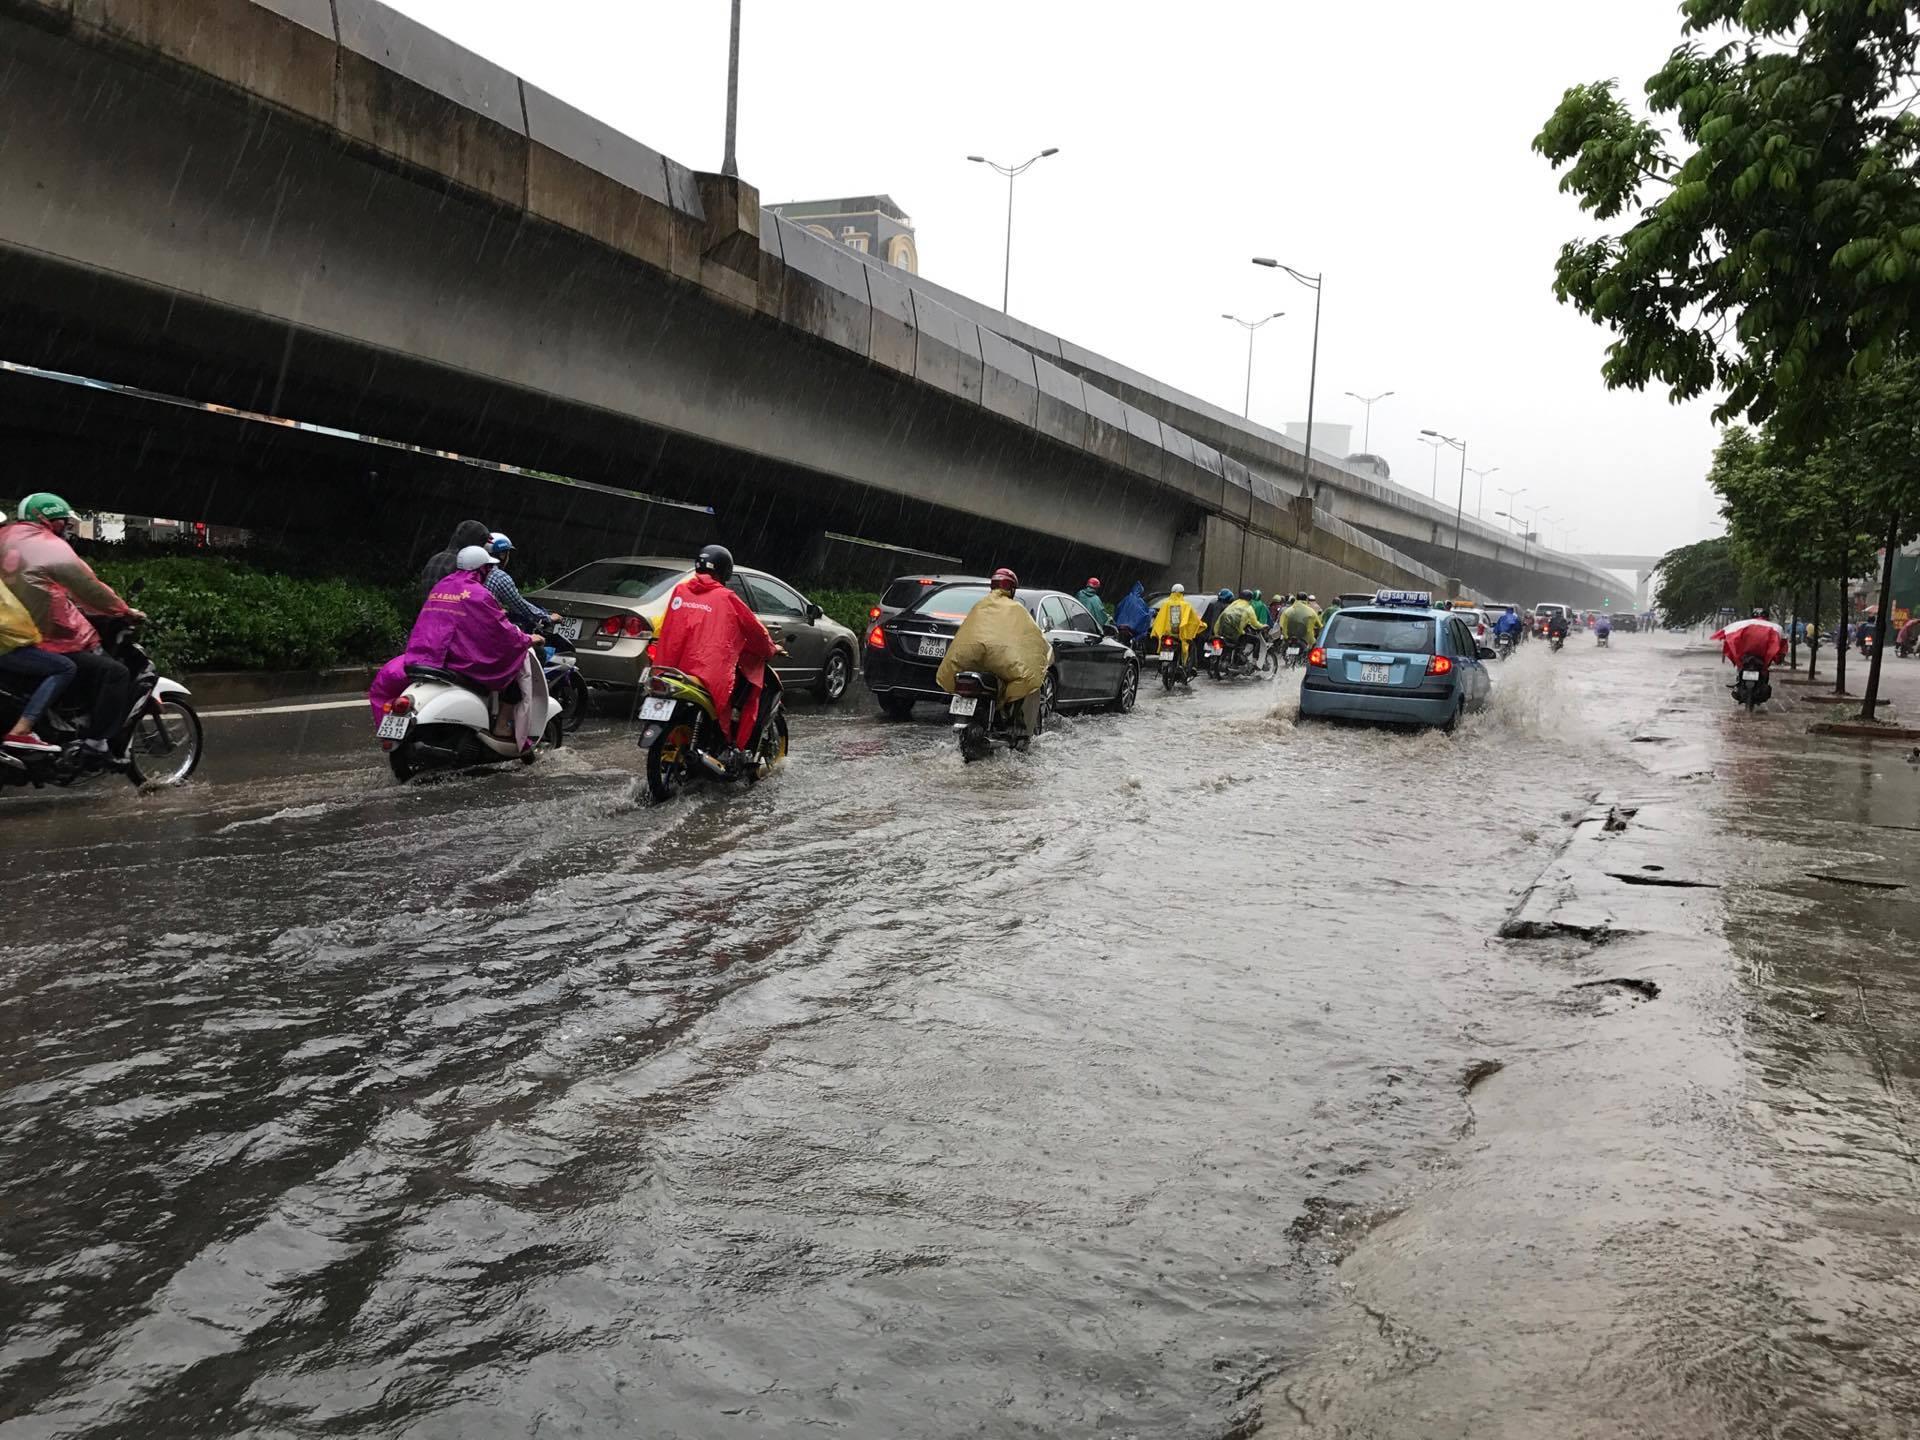 Người dân từ các tỉnh đổ về Thủ đô chật vật di chuyển trong mưa lớn sau kì nghỉ lễ kéo dài - Ảnh 12.